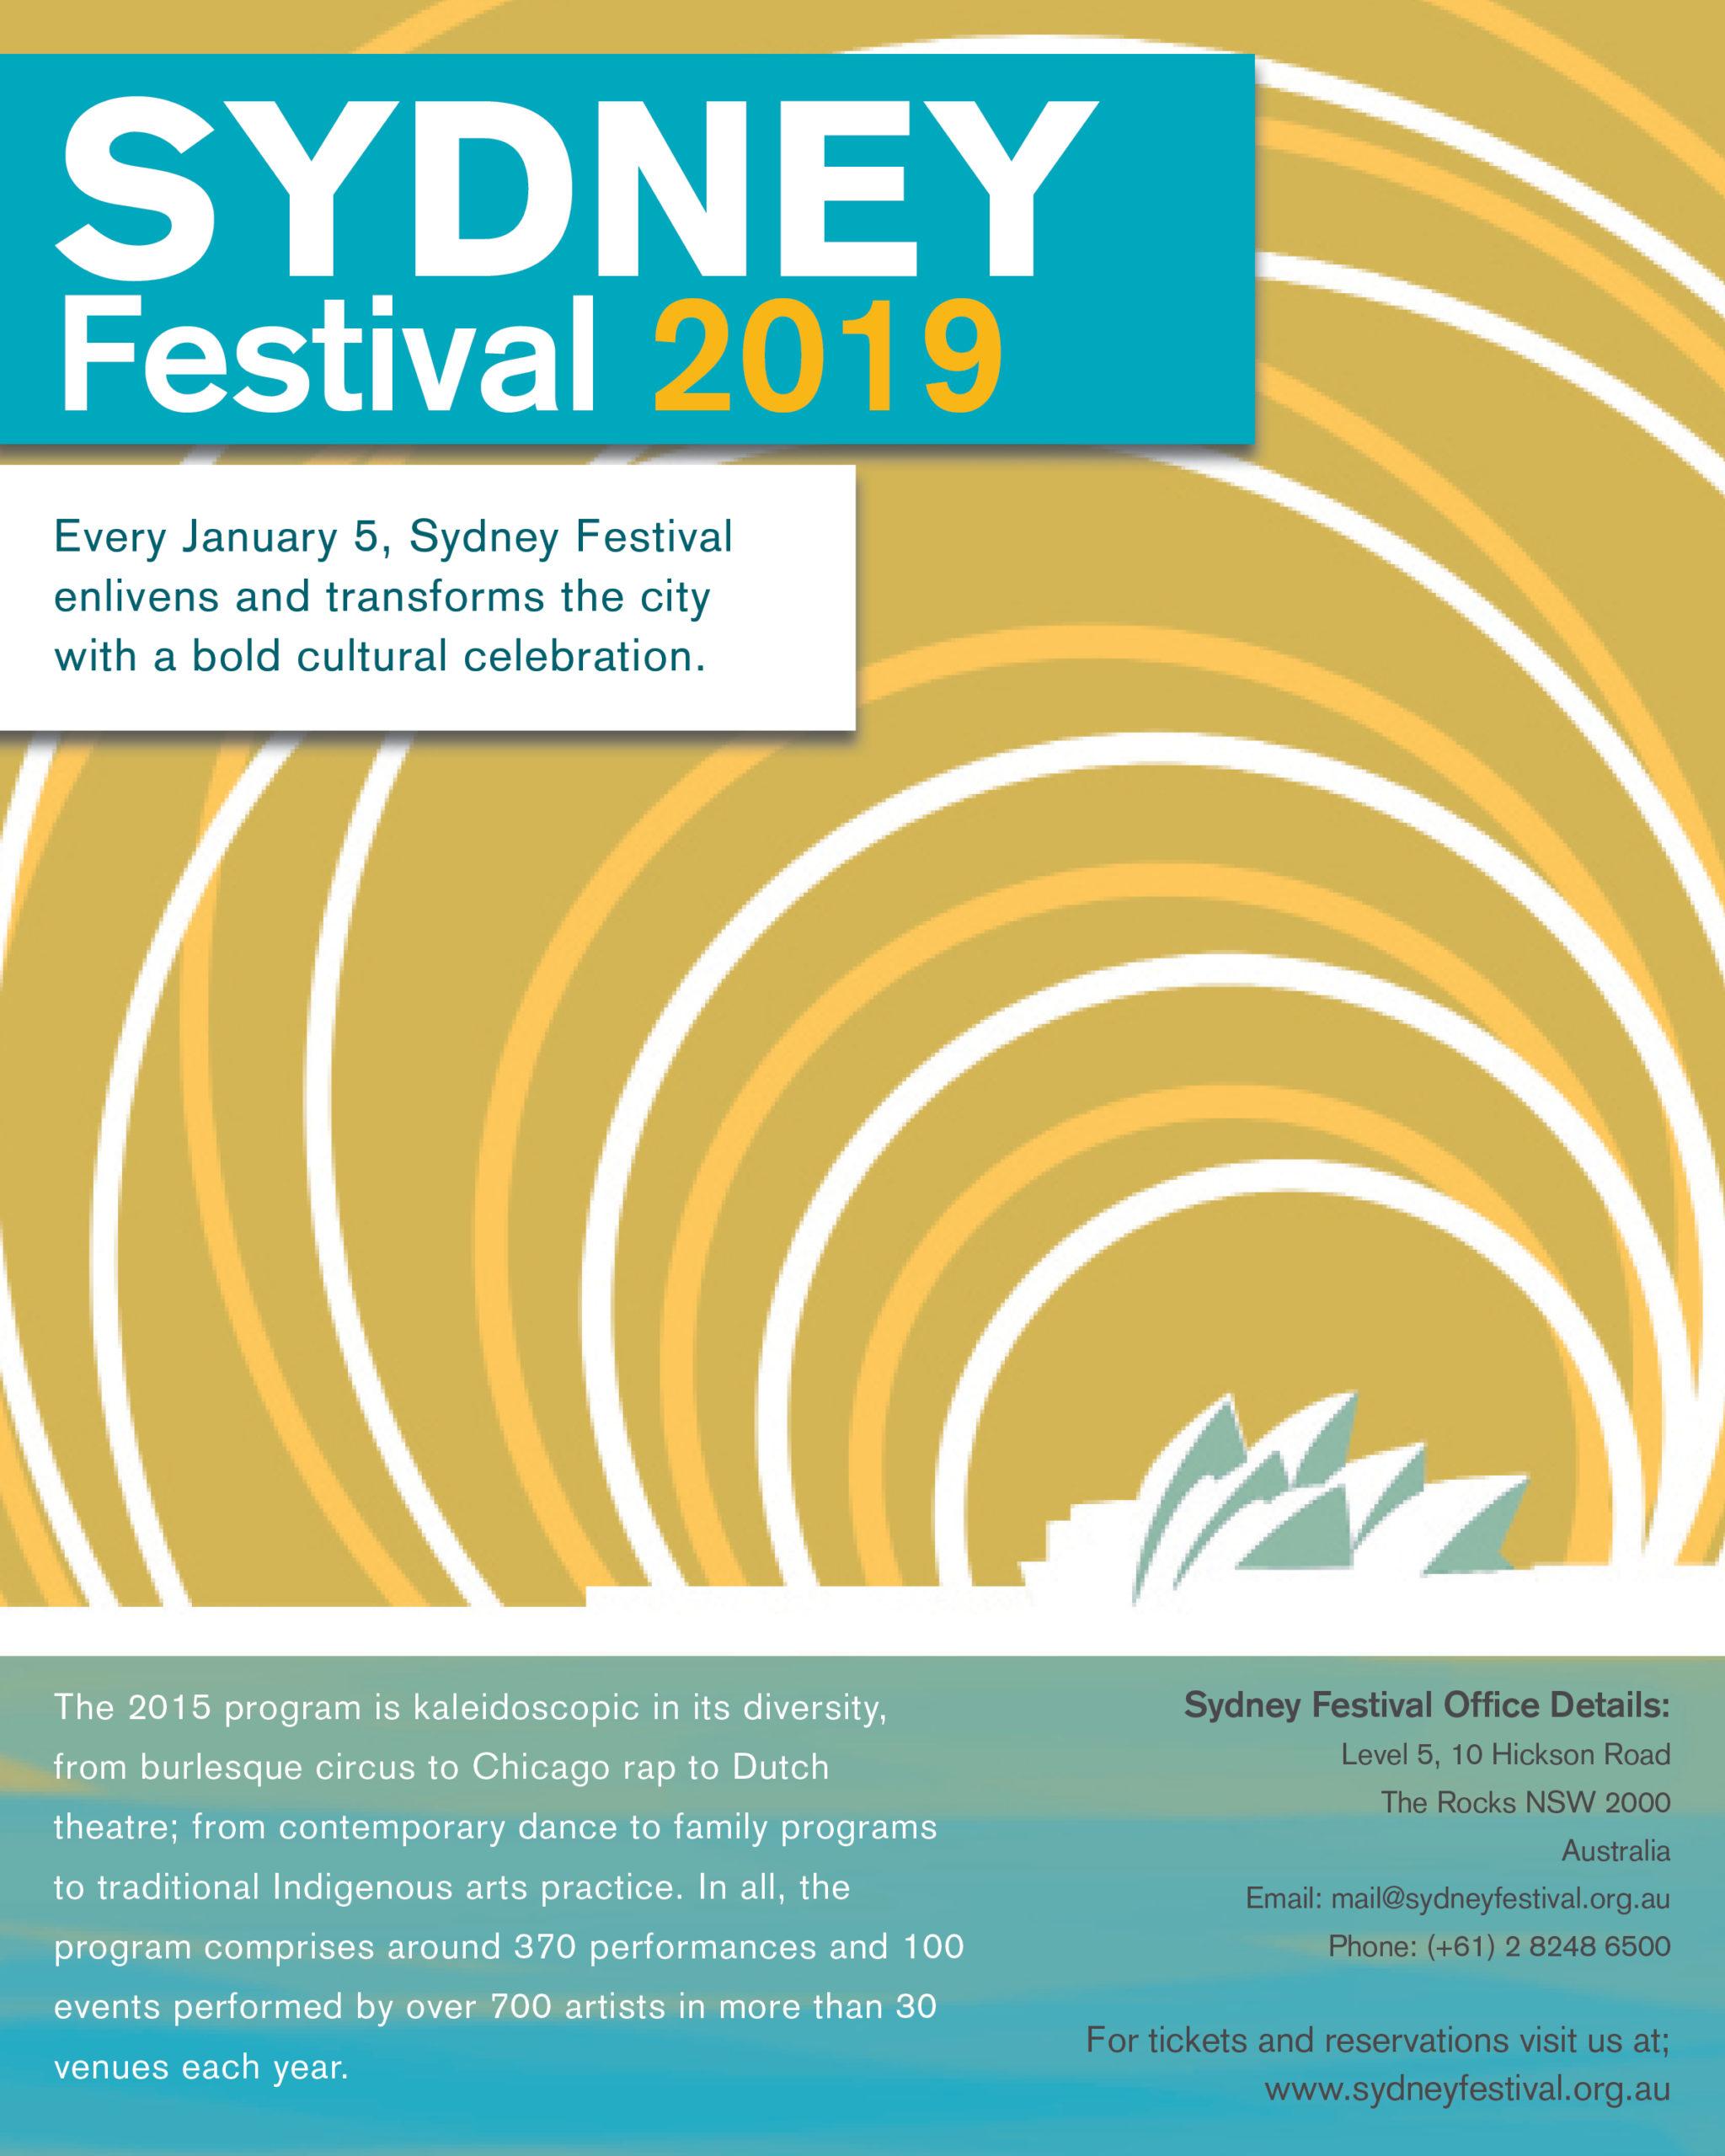 Sydney Festival Poster